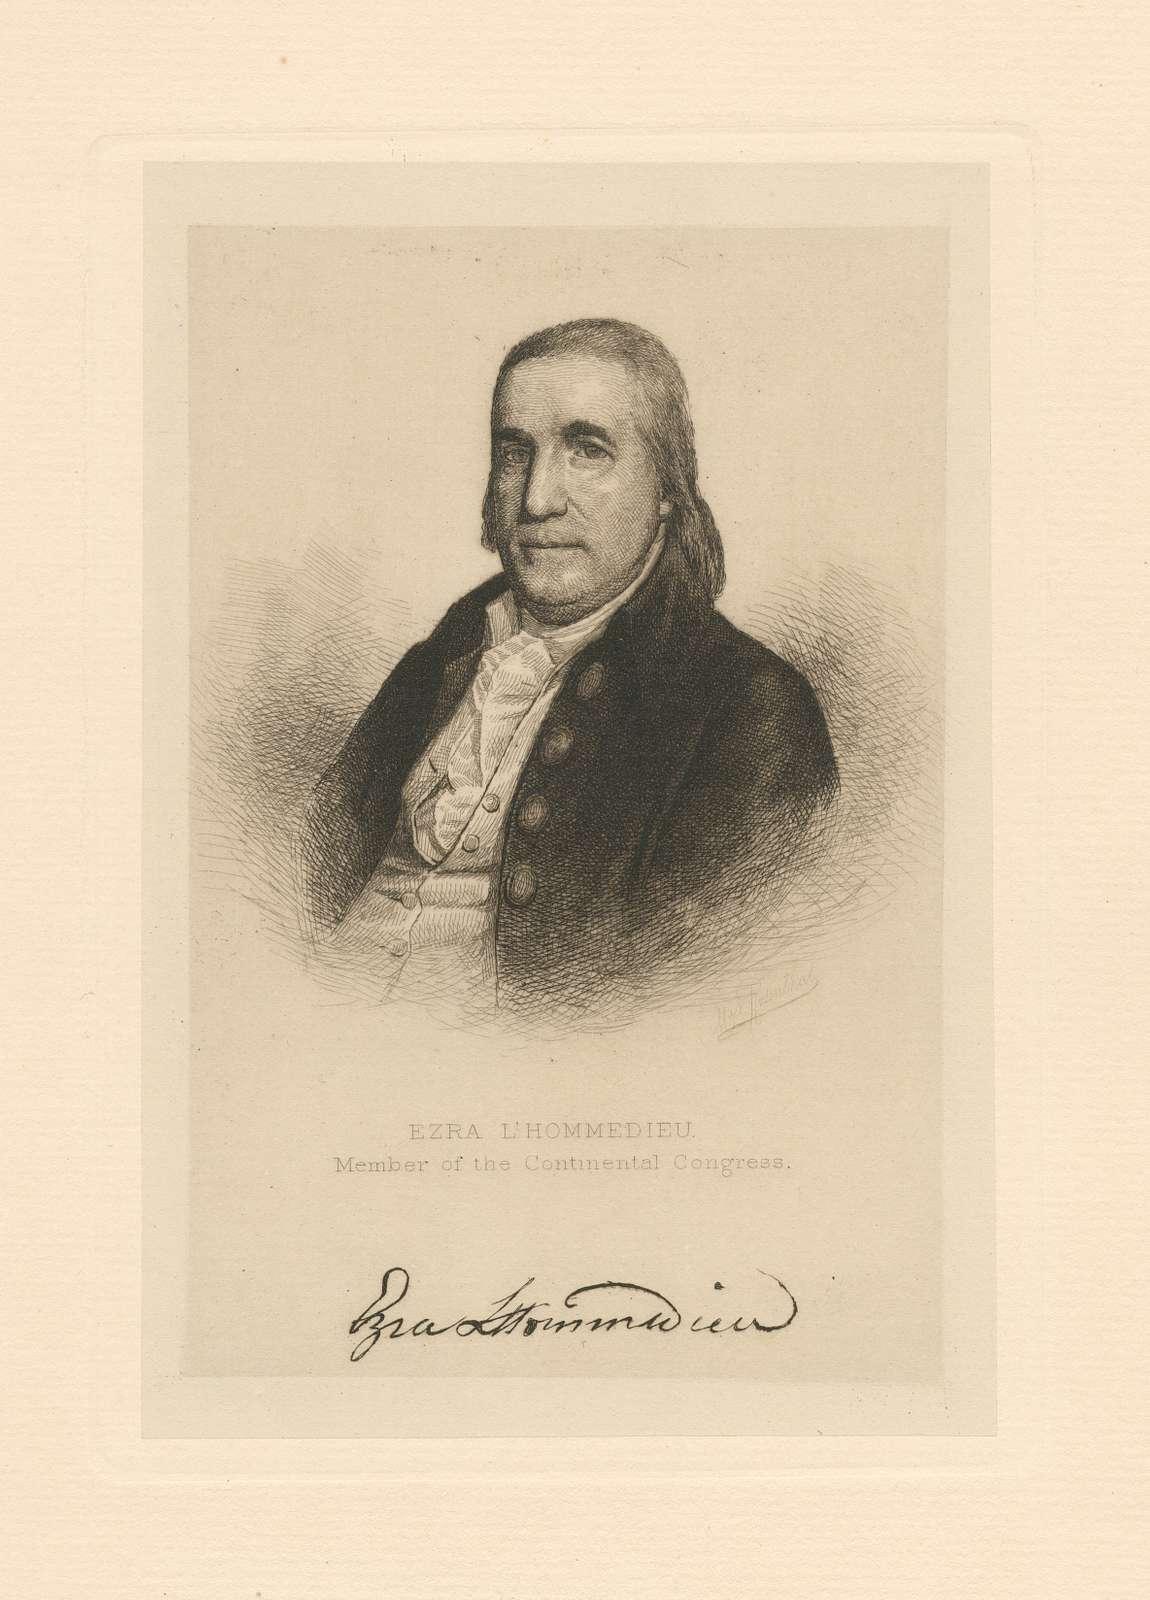 Ezra L'Hommedieu. Member of the Continental Congress.